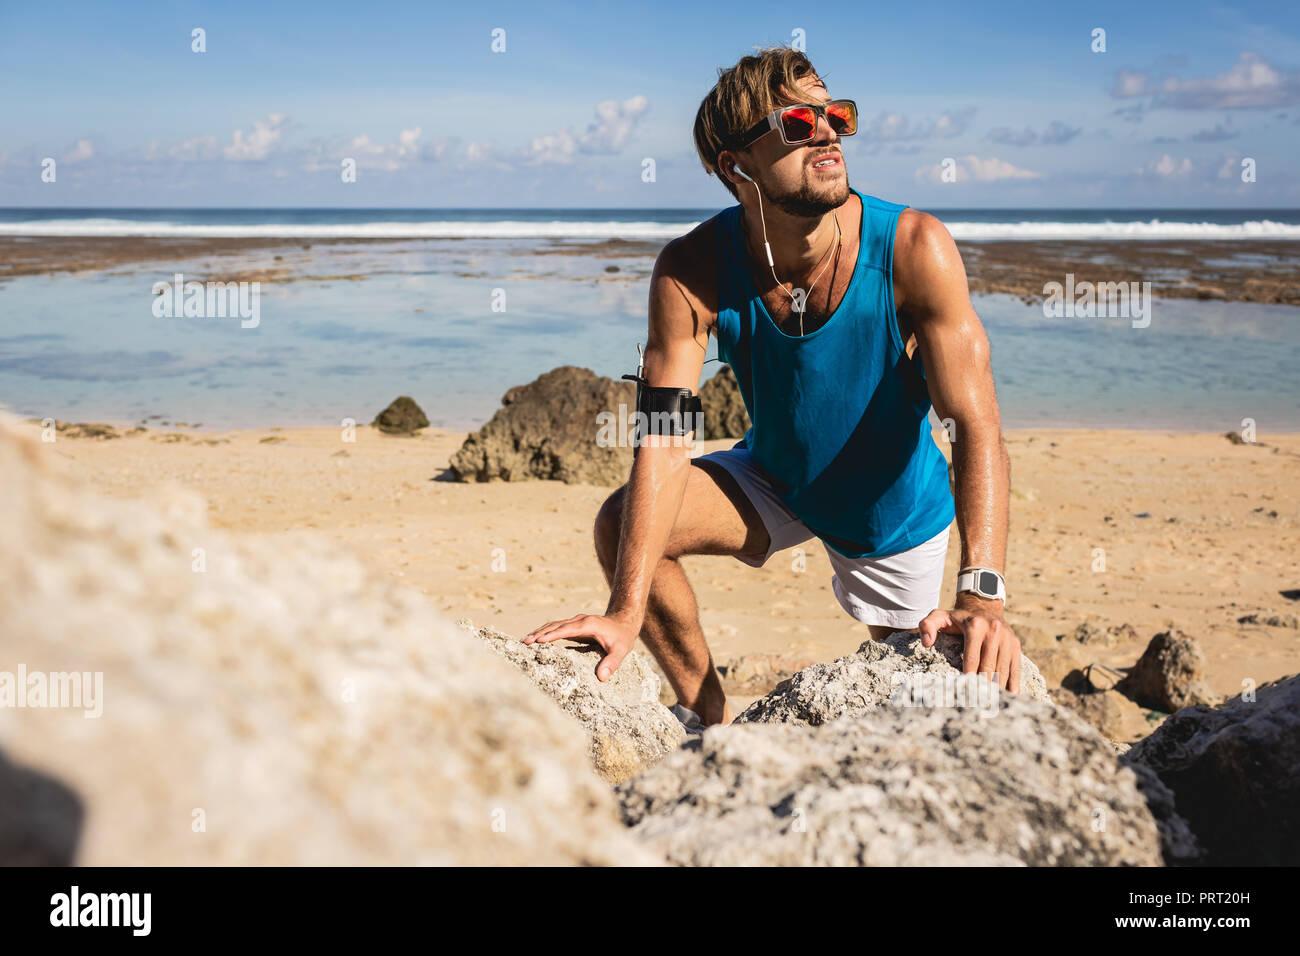 Sportsman à jusqu'alors que l'escalade sur les rochers, sur la plage, Bali, Indonésie Photo Stock